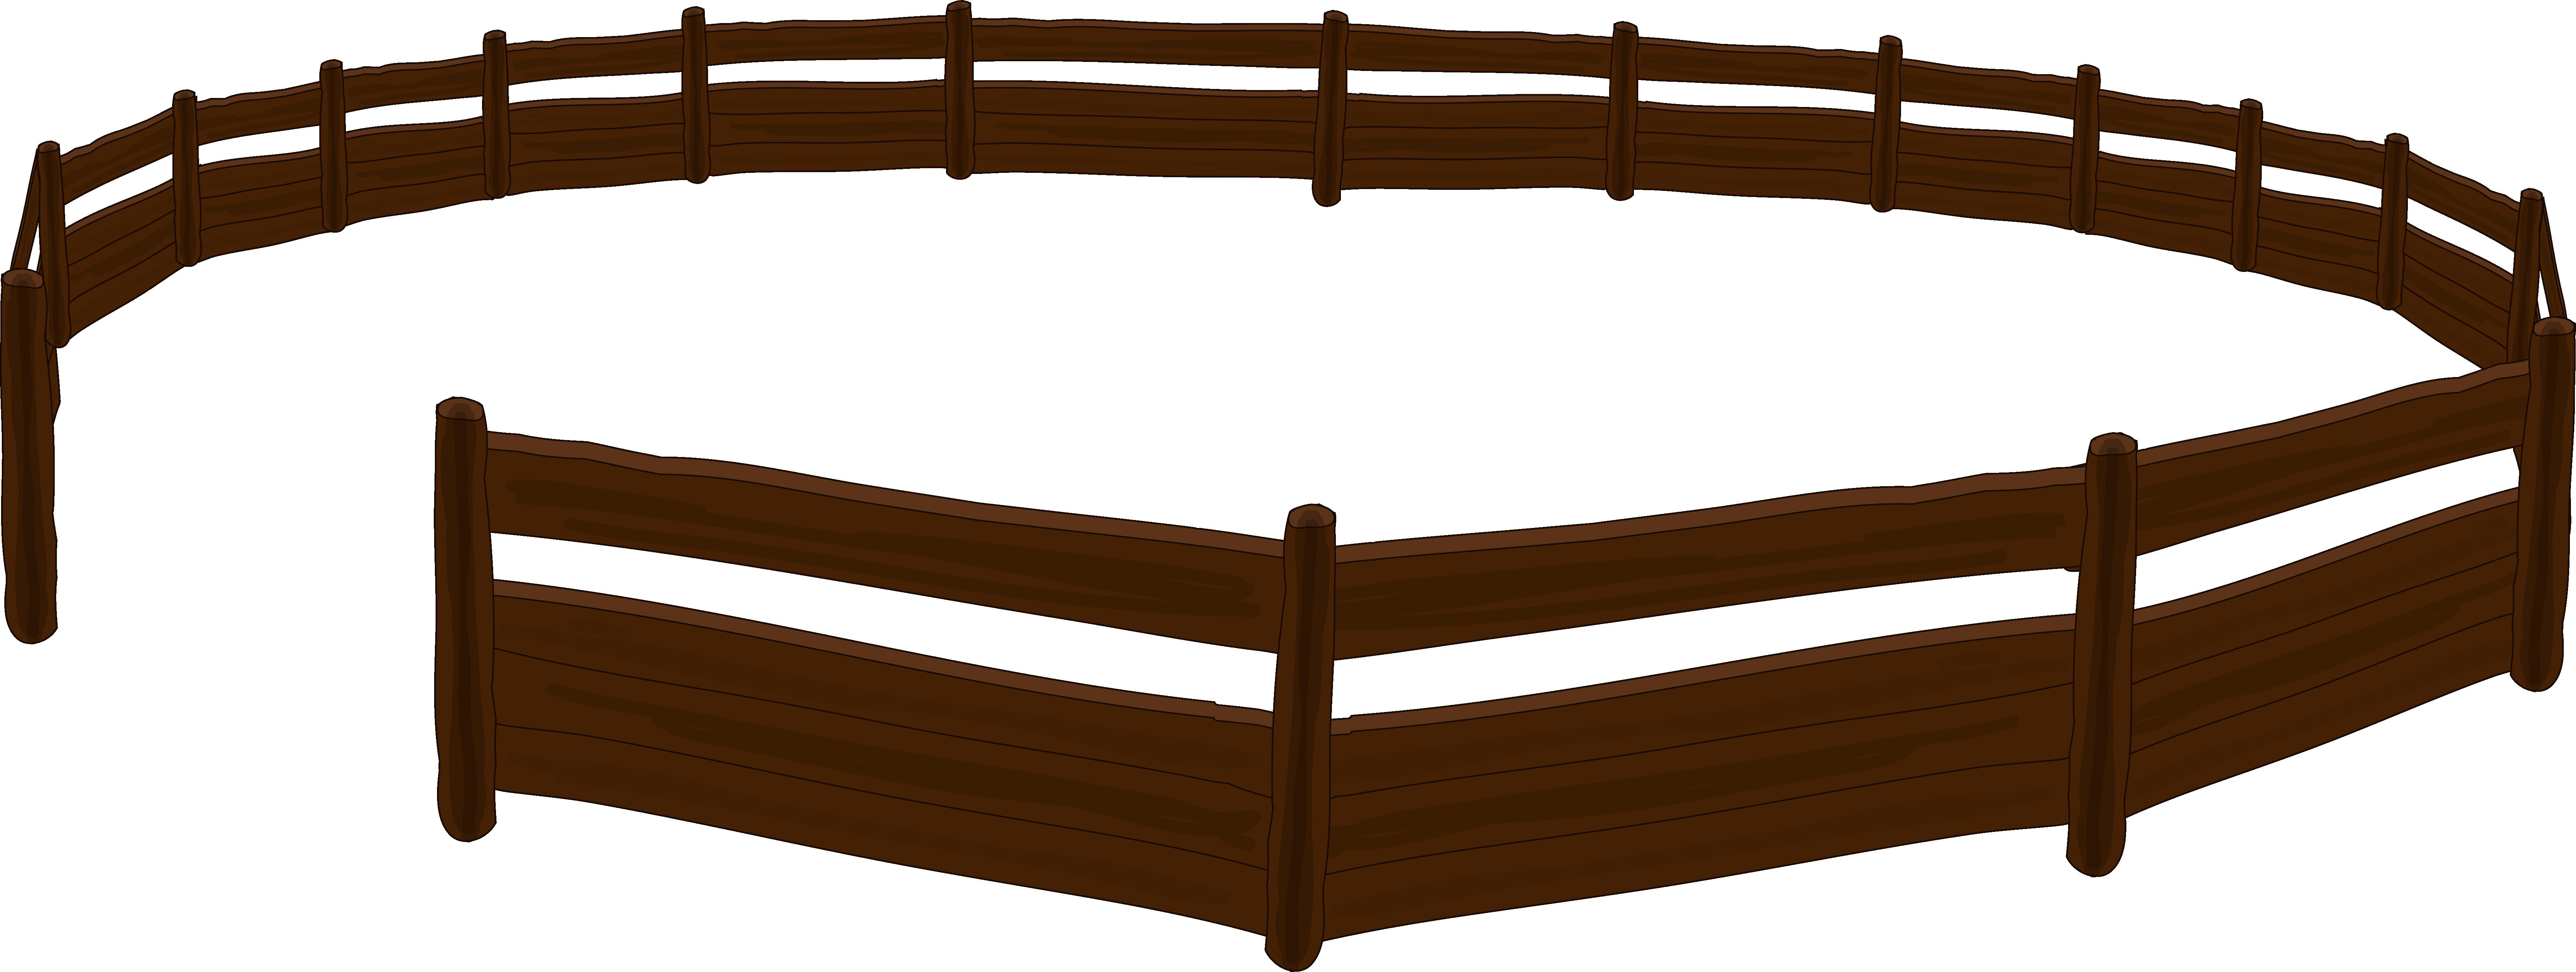 Cercado madera canal del rea de tecnolog a educativa - Cercado de madera ...